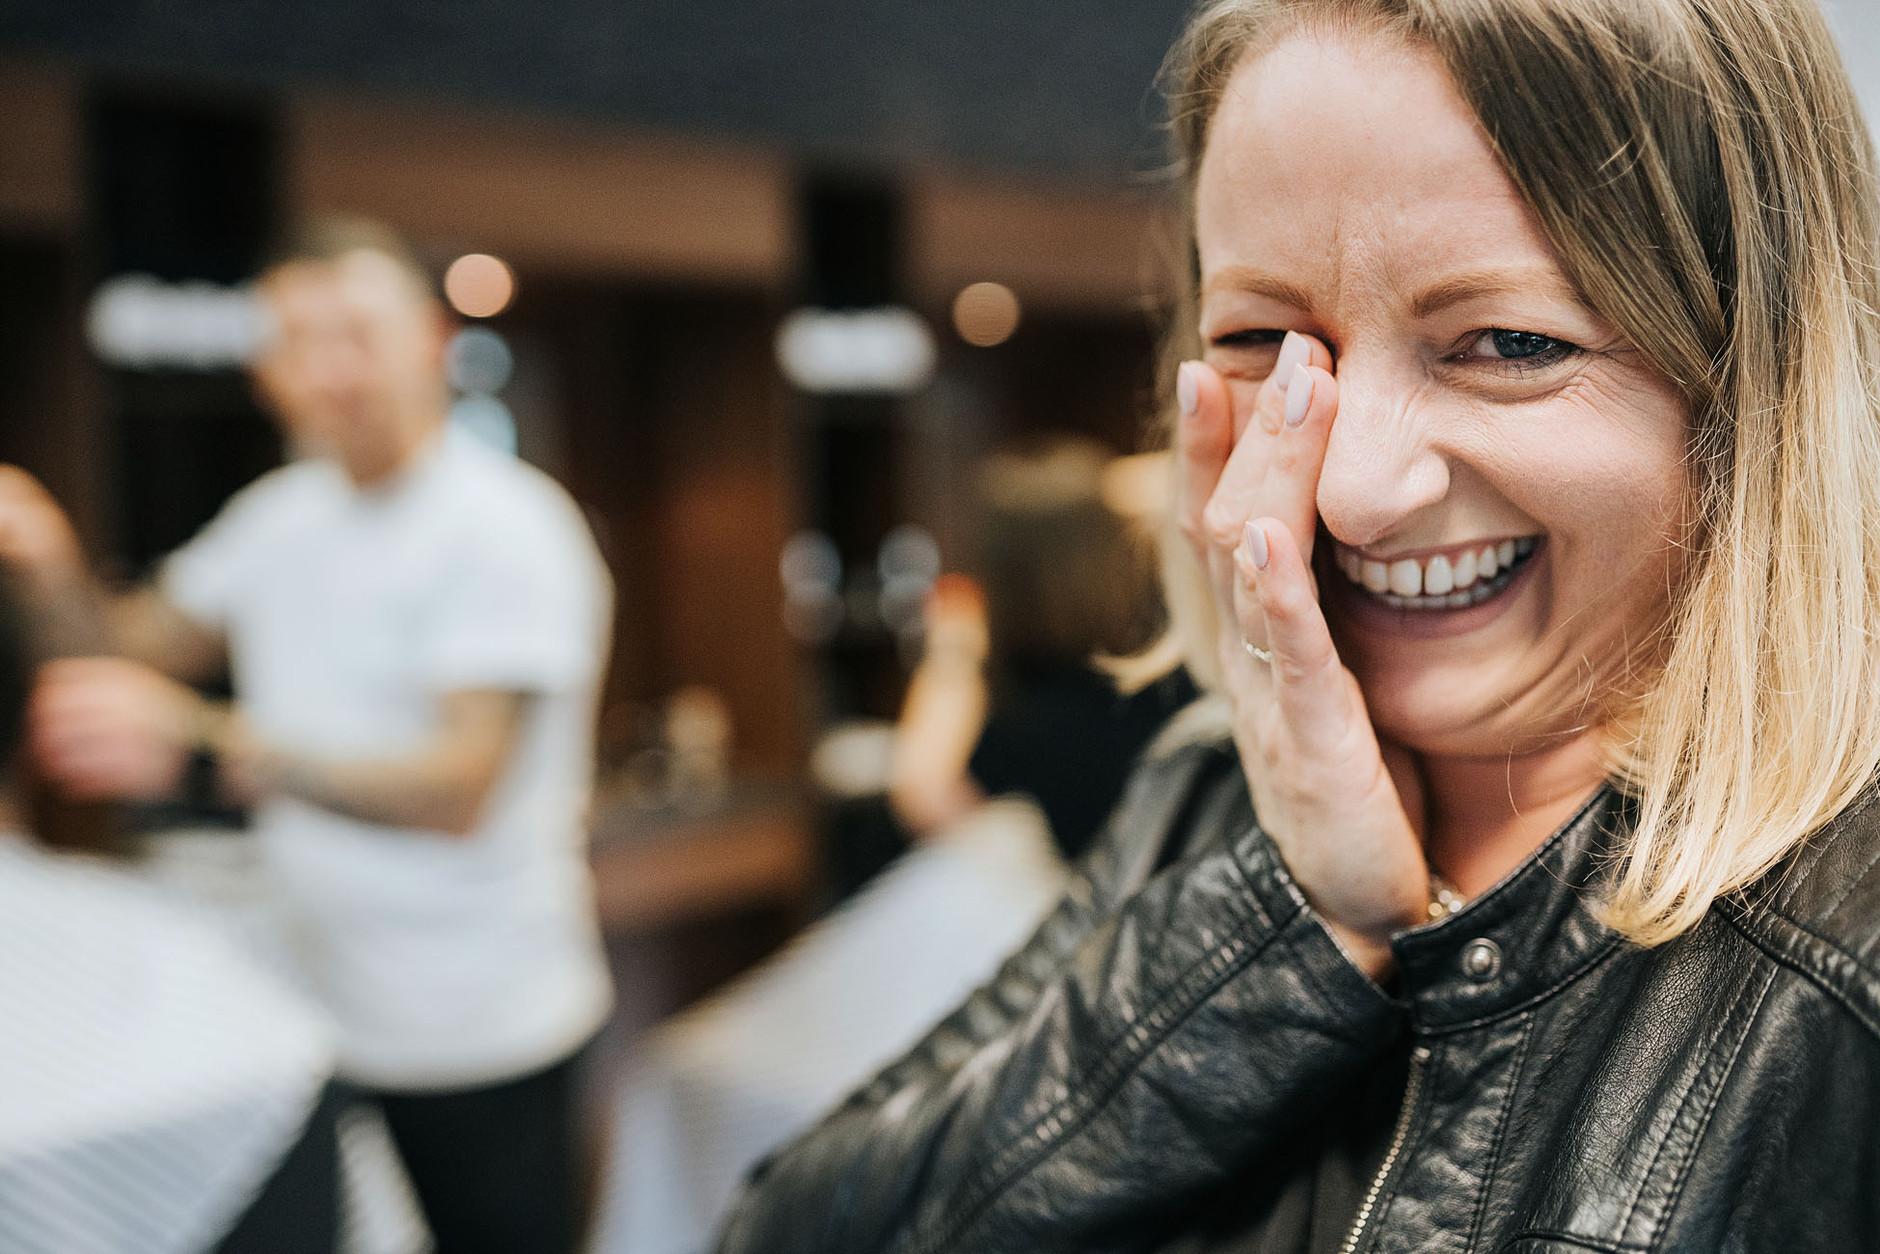 dublin-documentary-family-photography-finn-haircut-0019.jpg